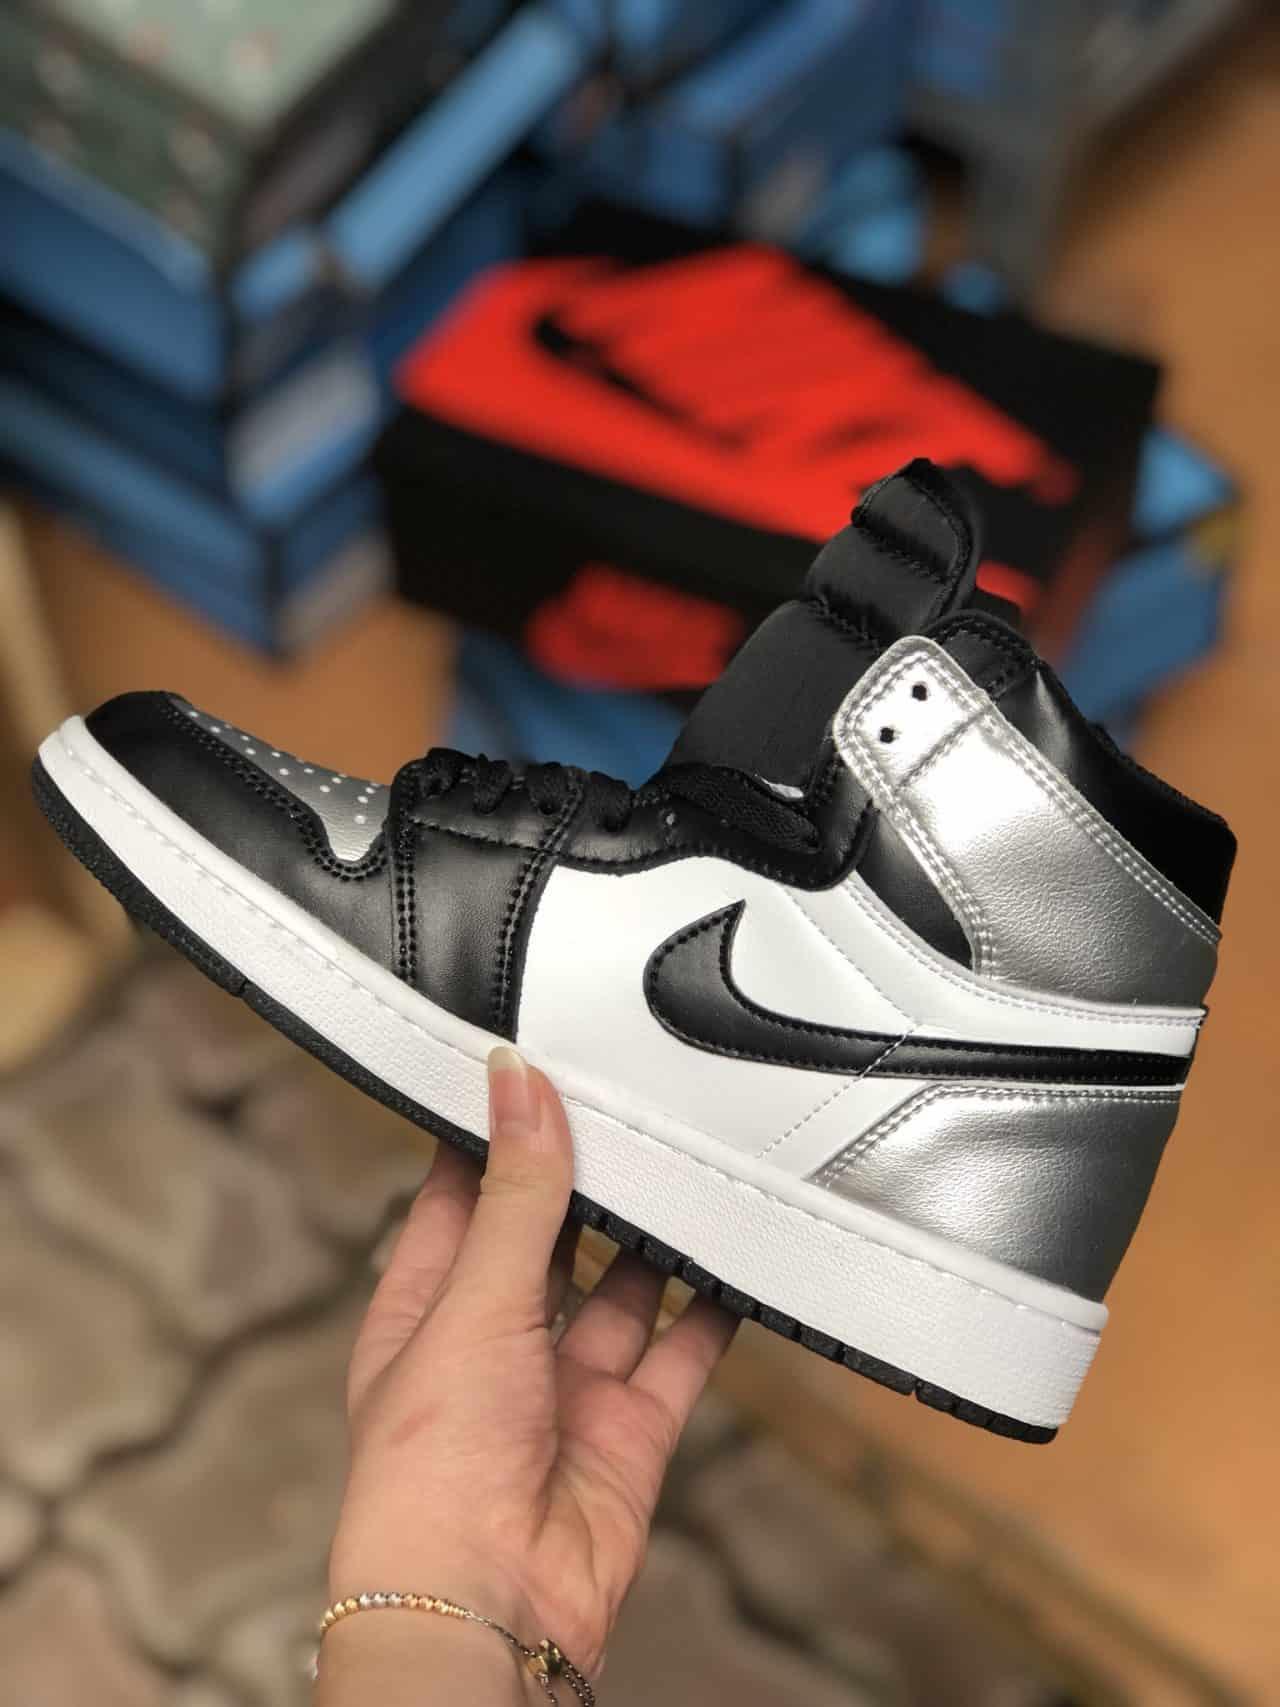 Giày Jordan 1 High Bạc rep 1:1 thể hiện phong cách thời trang hiện đại